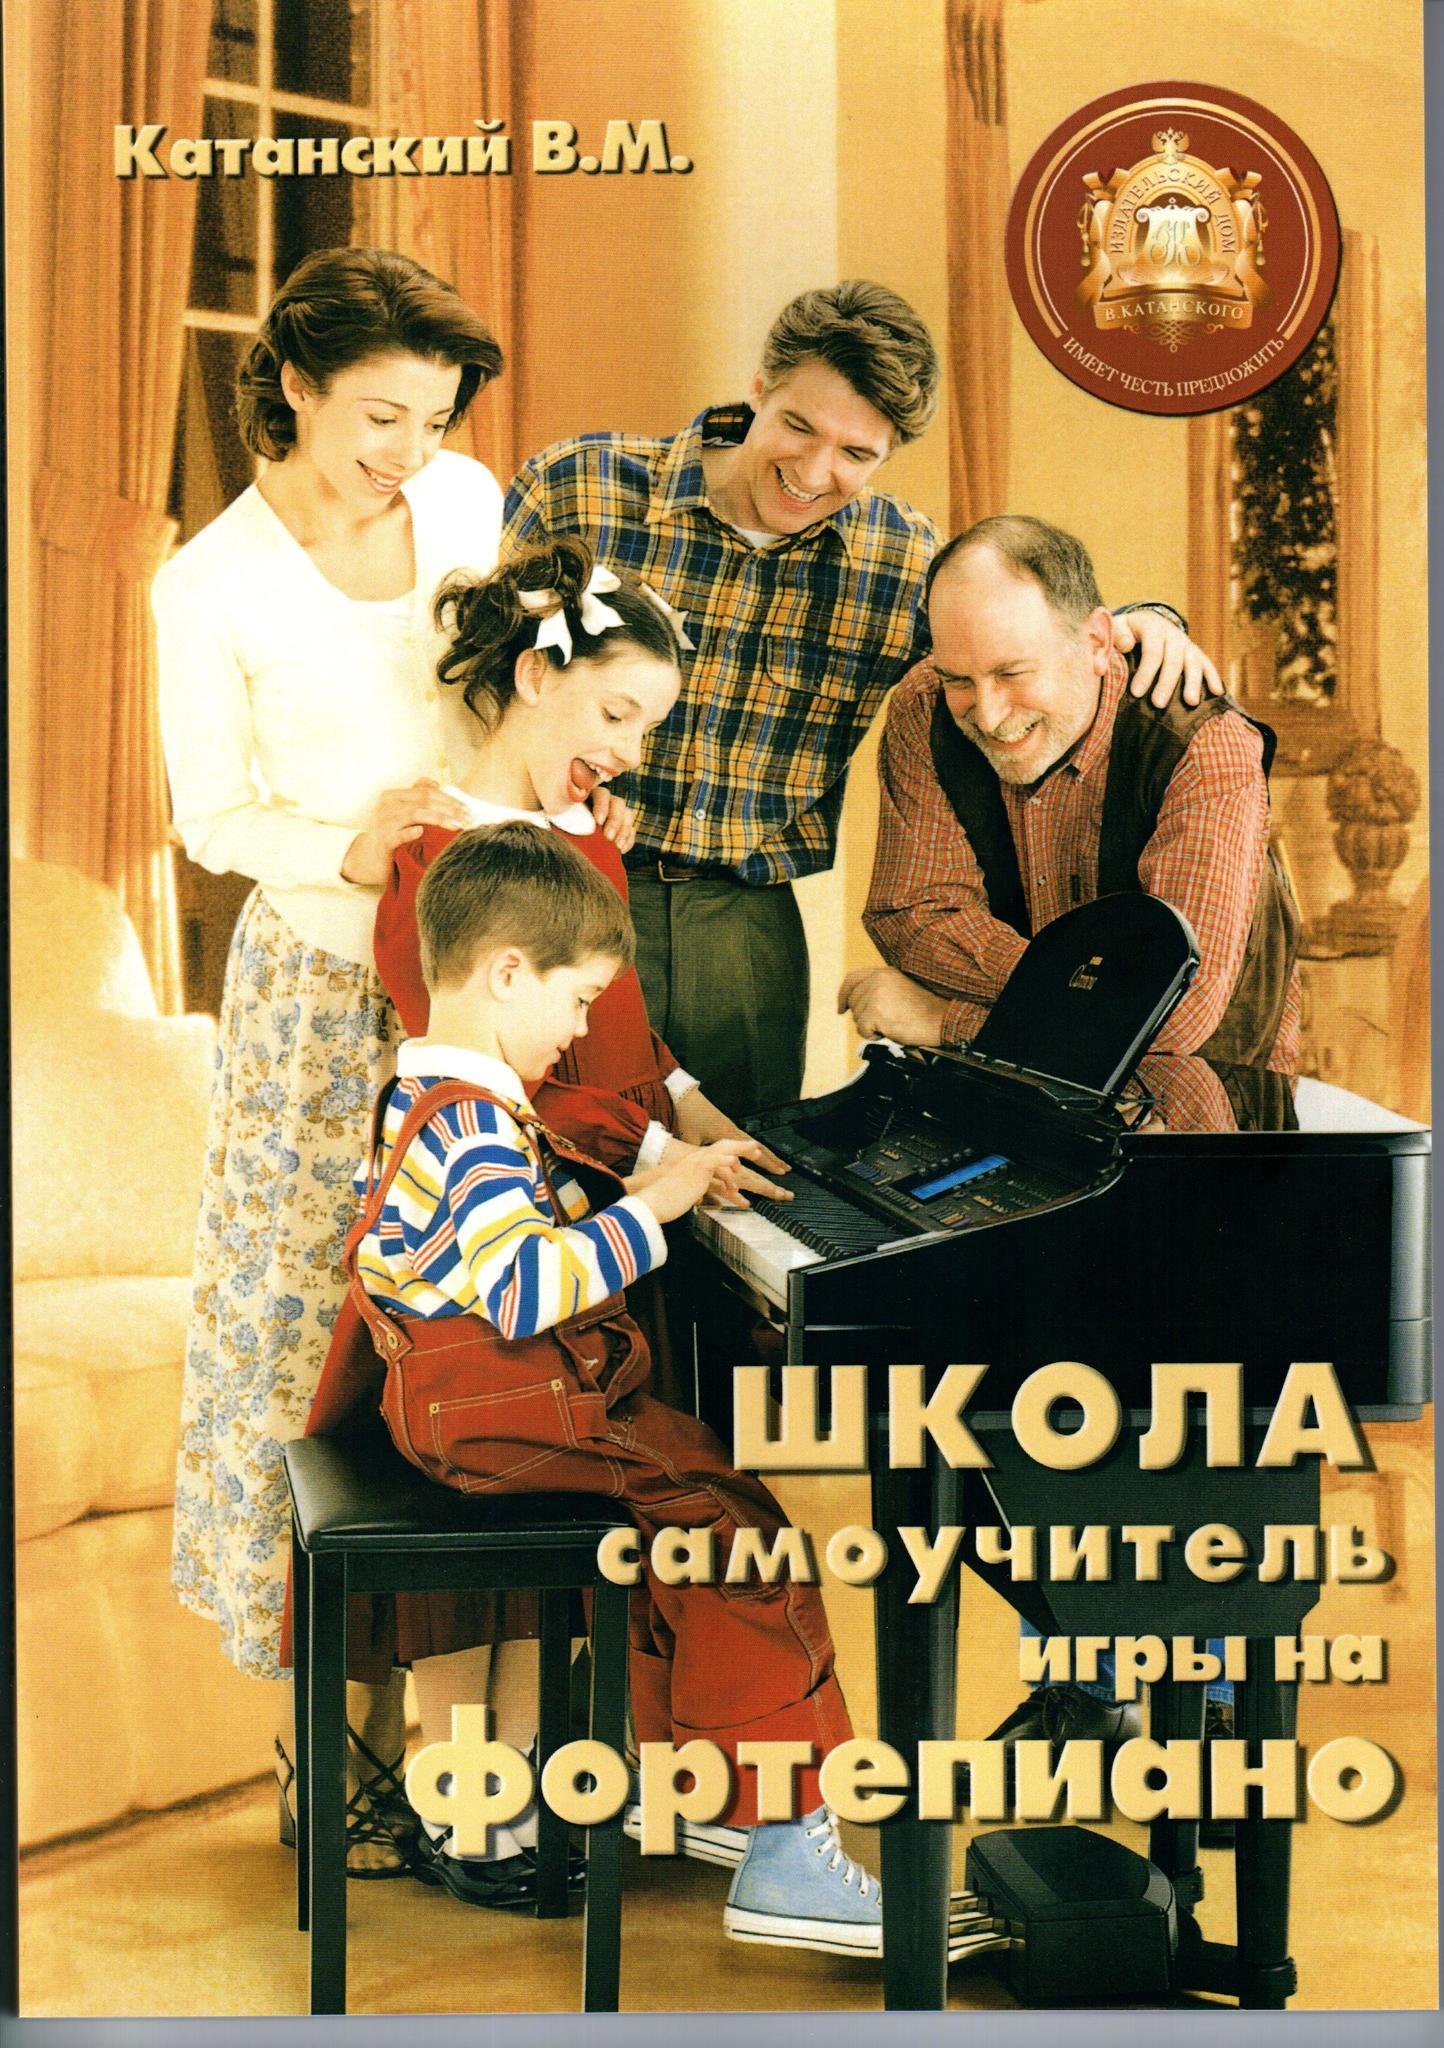 Катанский В.М.Школа-самоучитель игры на фортепиано